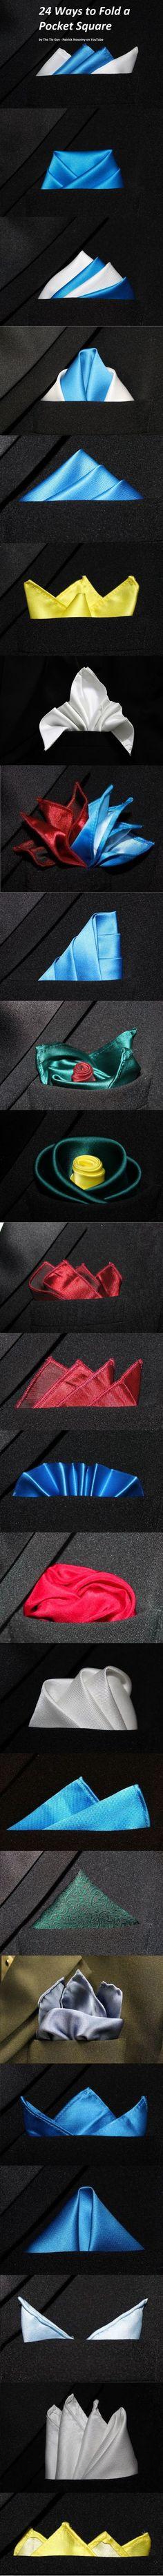 24 formas de doblar un pañuelo de bolsillo – Infografía